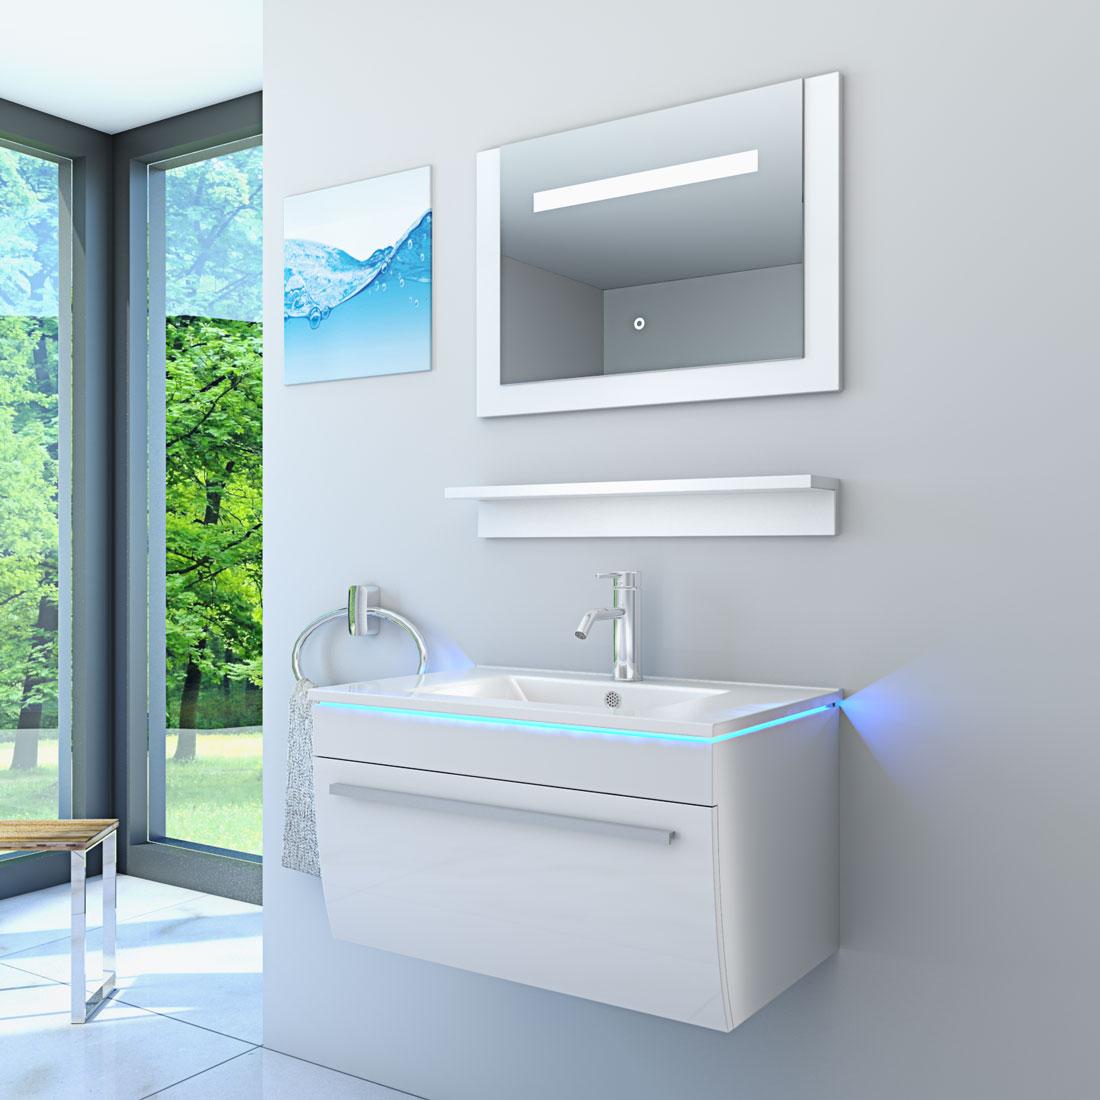 Badezimmermöbel weiß  Badmöbel Set Gently 3 V1 Hochglanz weiß, Badezimmermöbel, Waschtisch